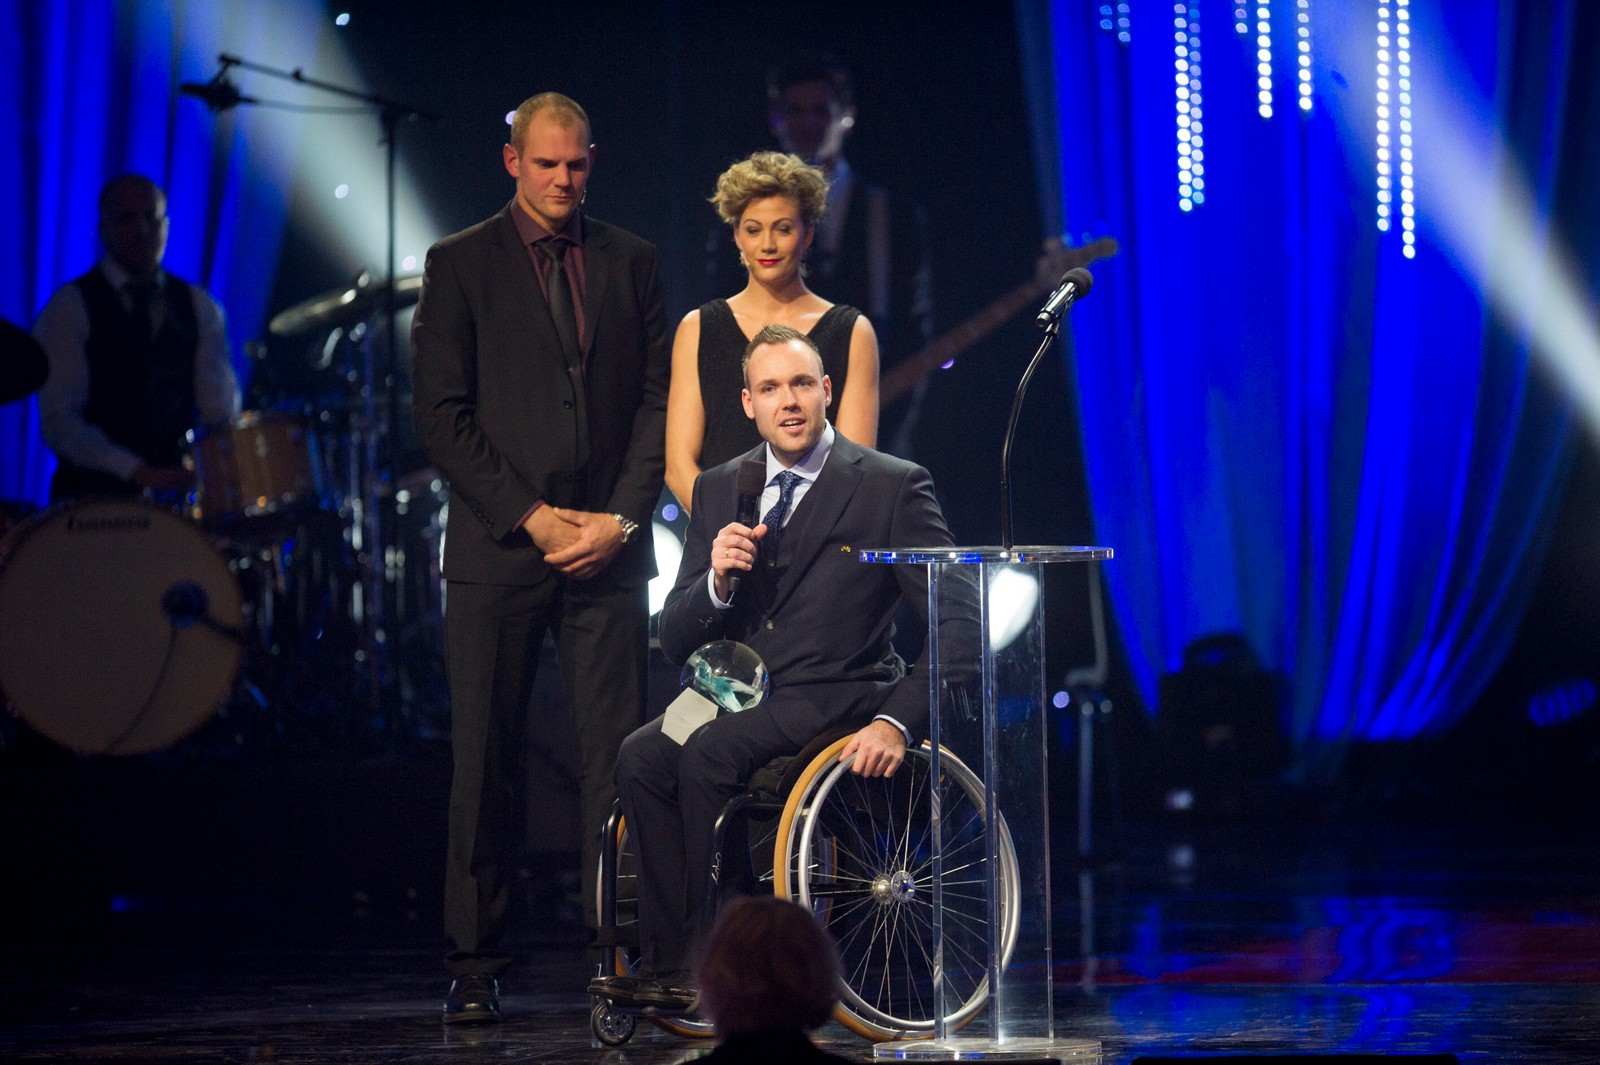 Bordtennisspiller Tommy Urhaug mottok prisen for «Årets mannlige funksjonshemmede utøver» fra roer Olaf Tufte og friidrettsutøver Isabelle Pedersen.